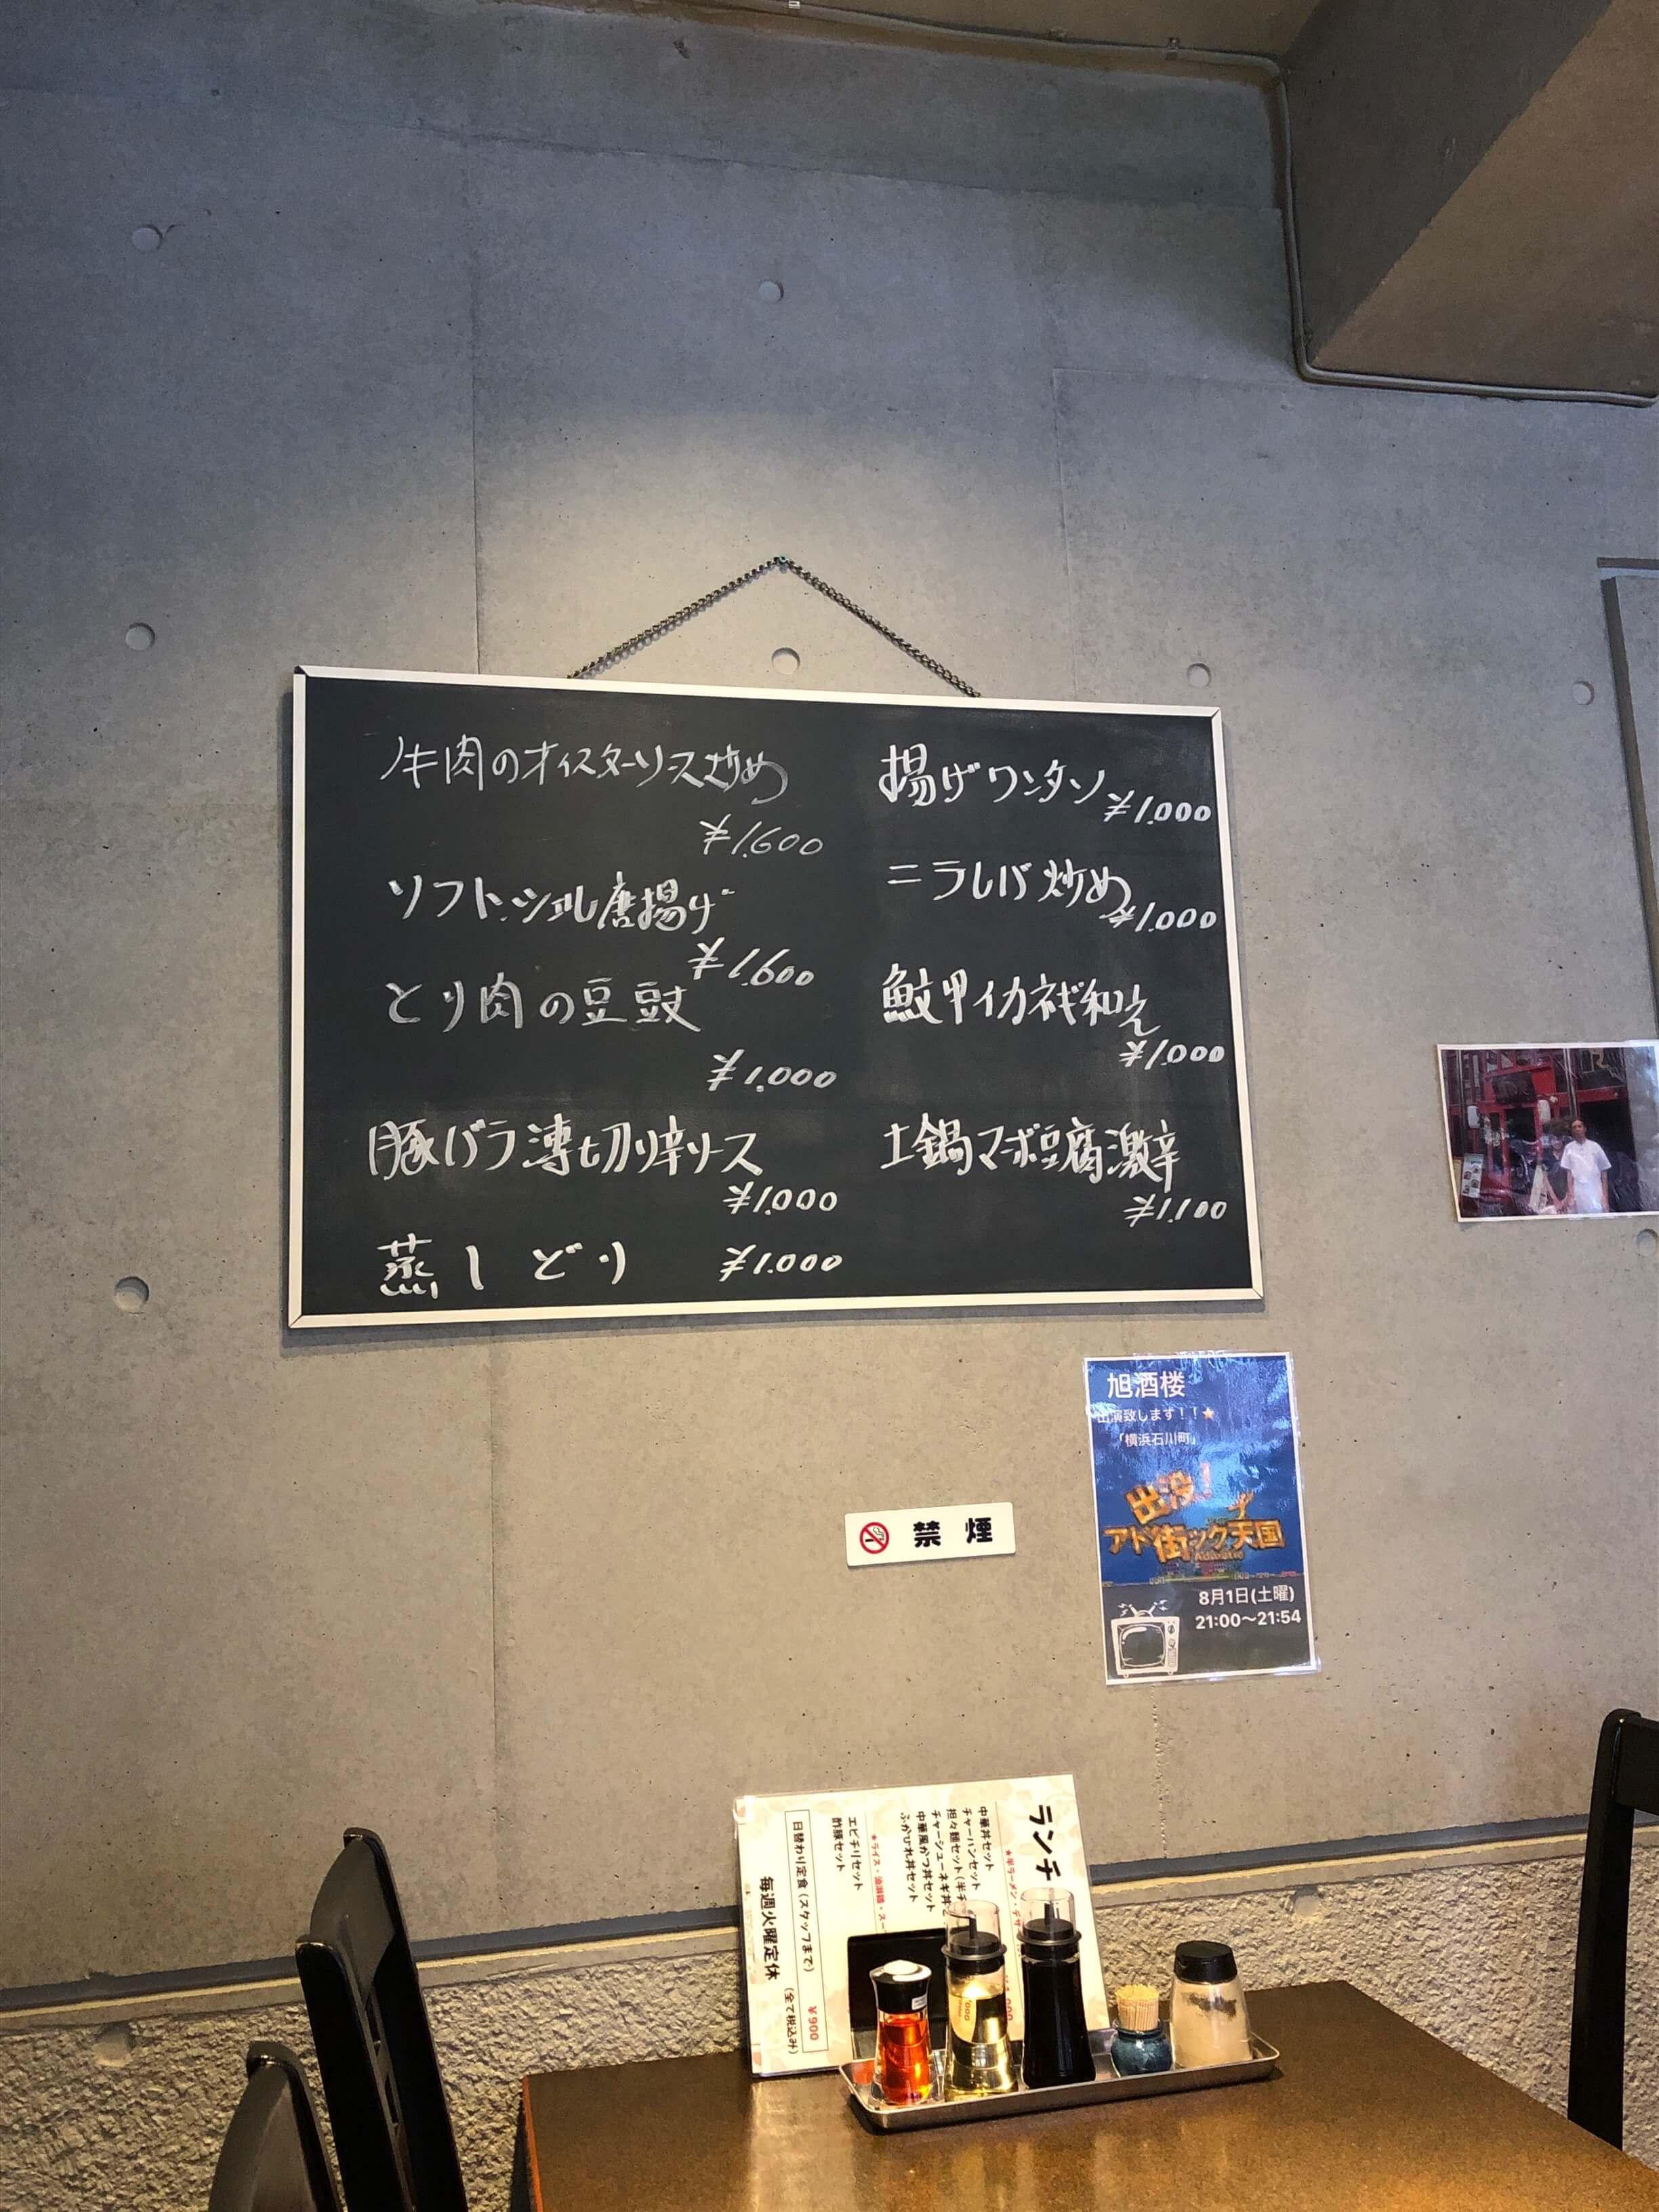 旭酒楼 メニュー 2020.07.08